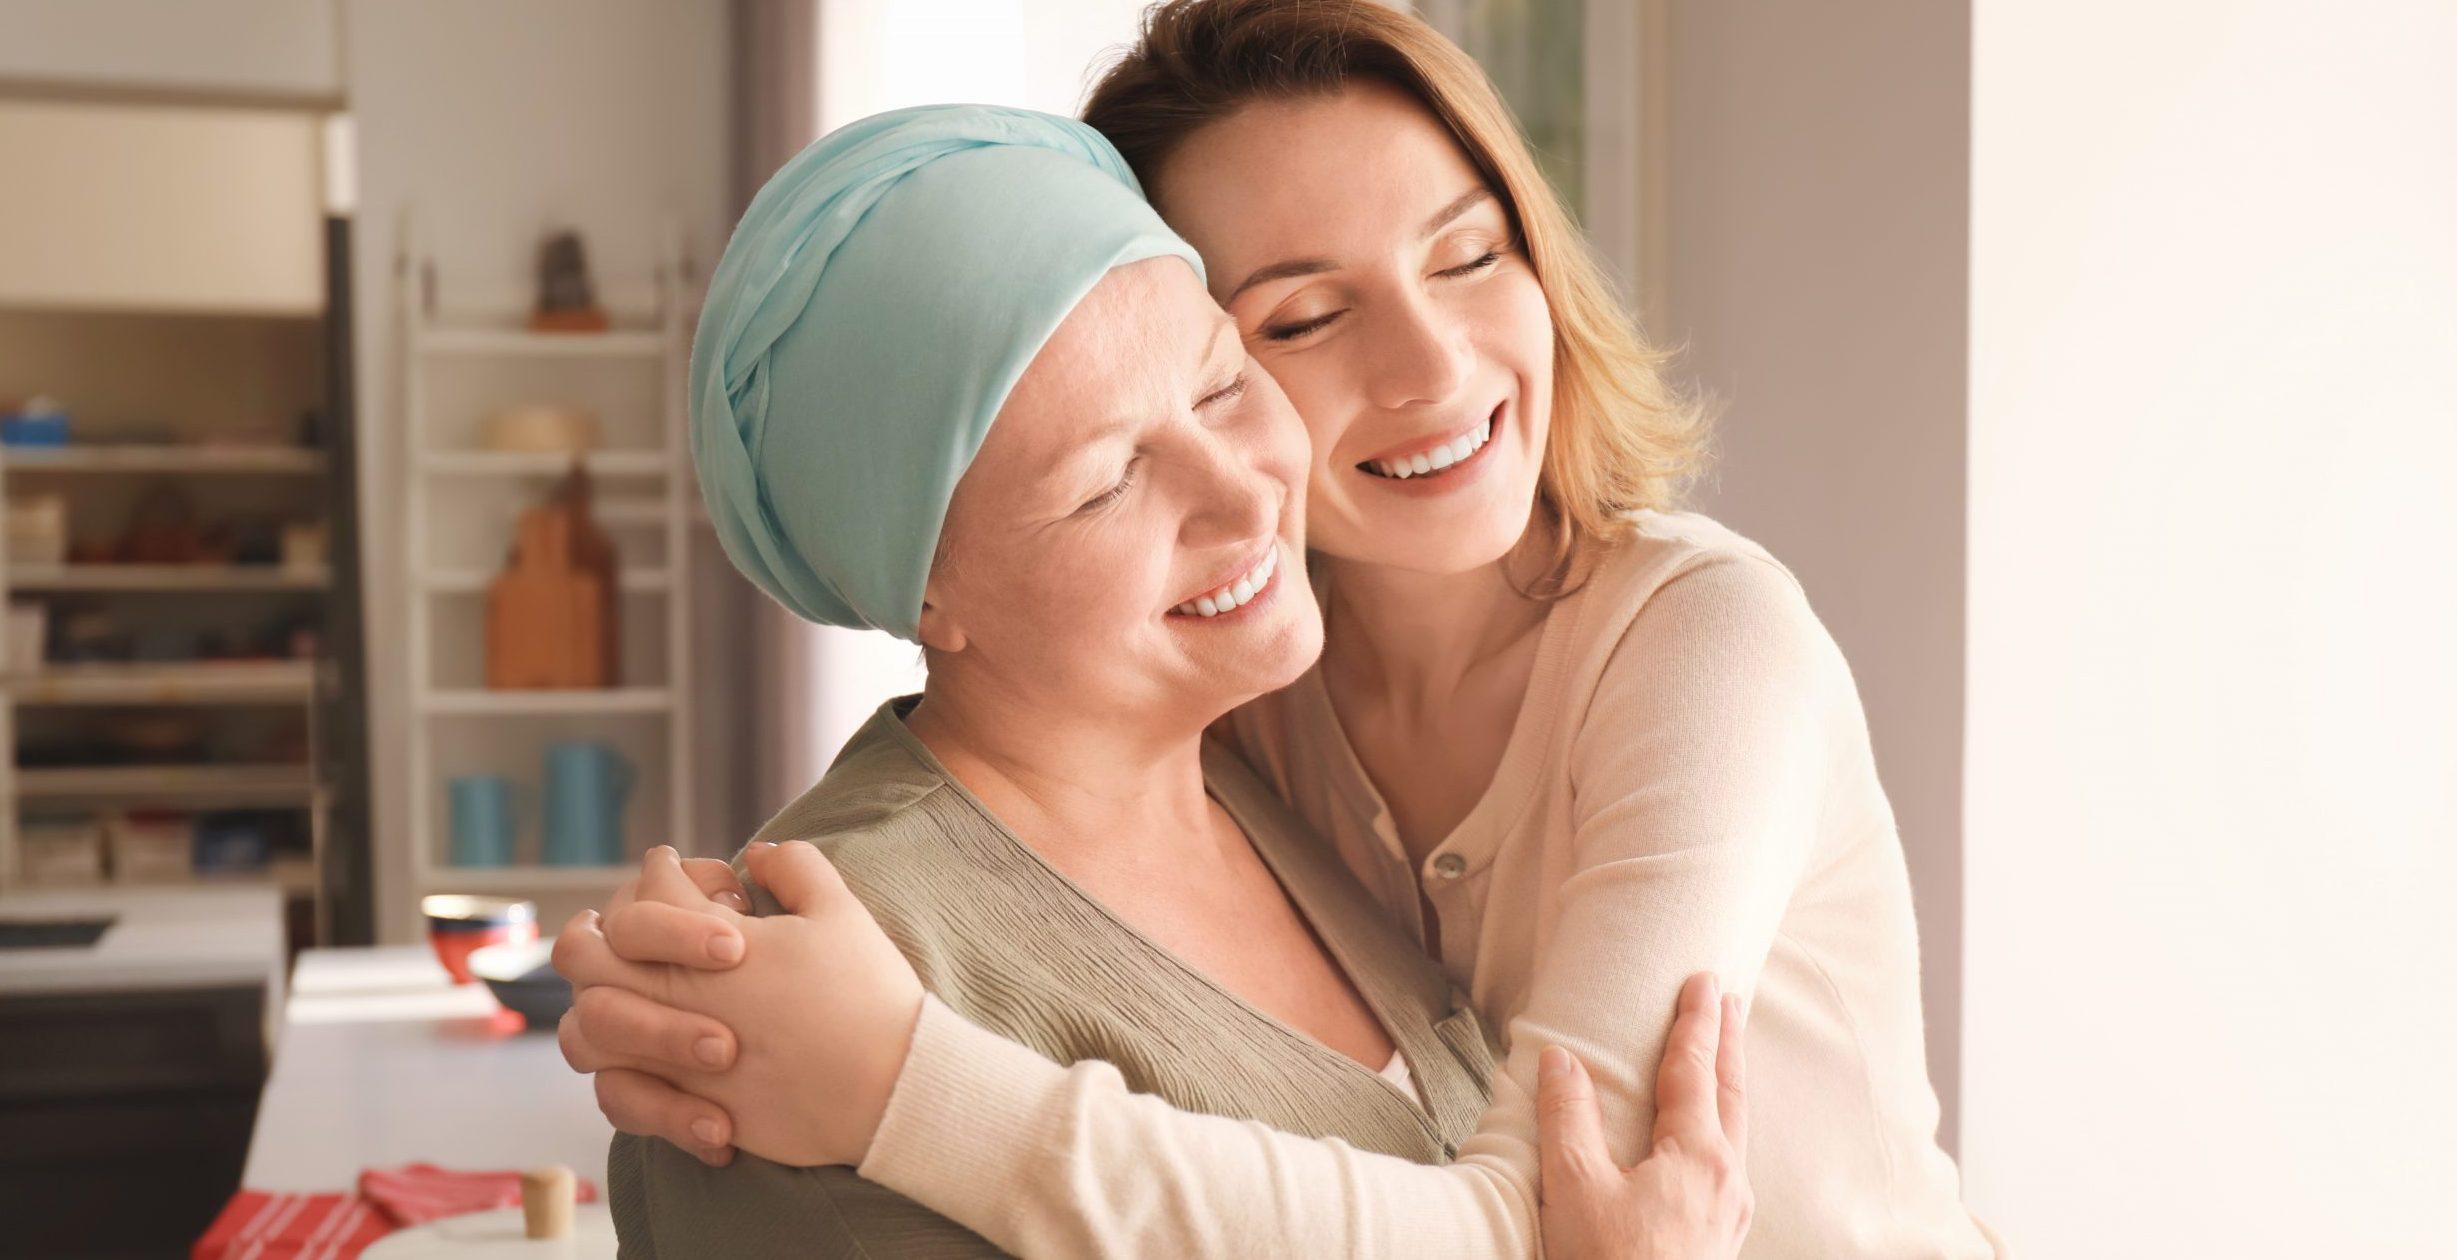 Caregiver, The Proper Care & Feeding of The Cancer Caregiver